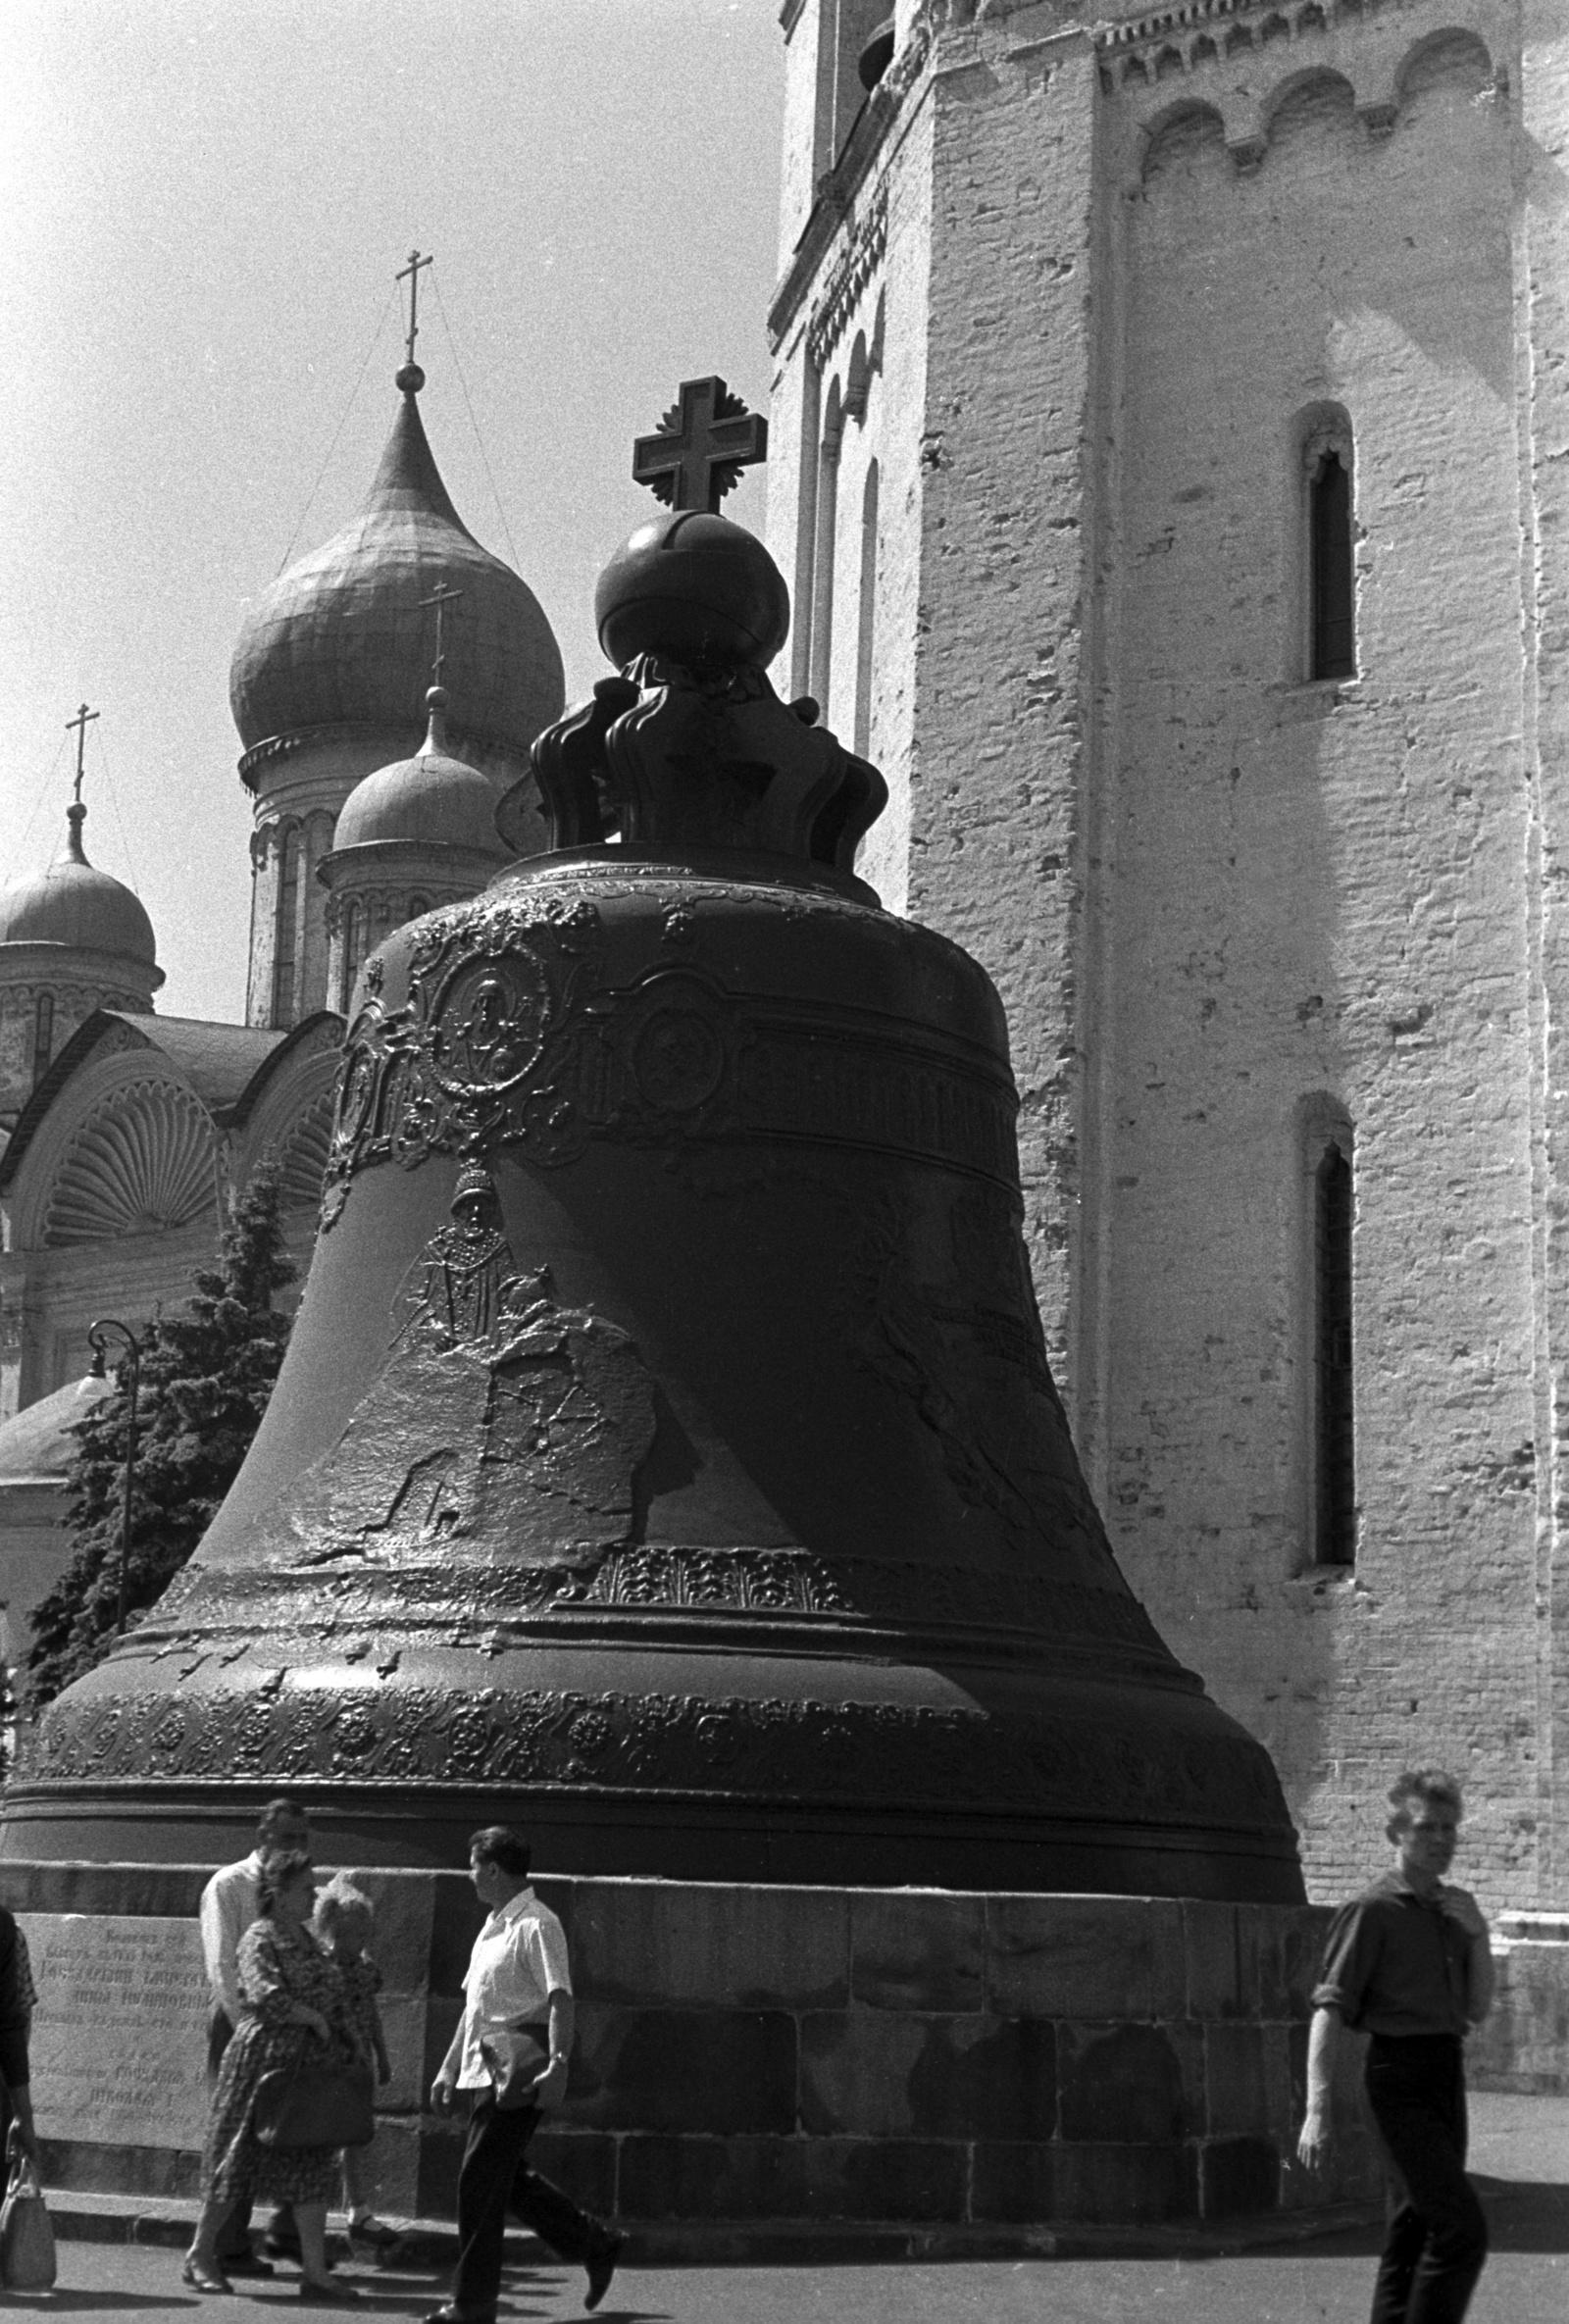 Царь-колокол в Московском Кремле